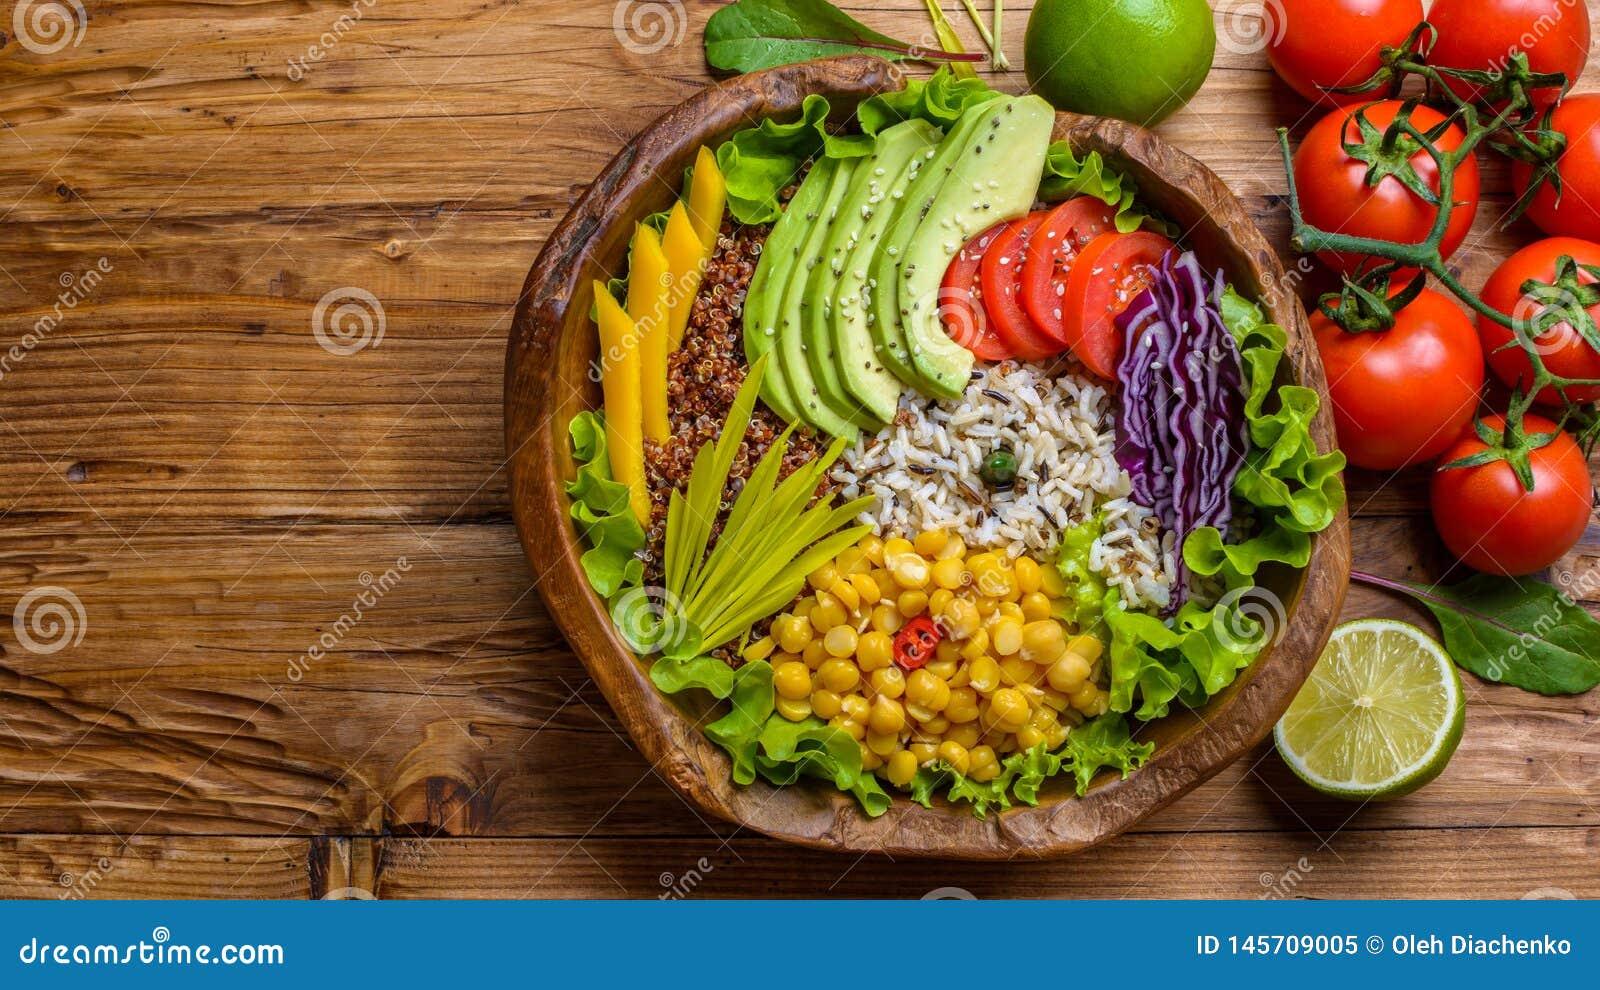 Cuvette de Bouddha avec le pois chiche, avocat, zizanie, graines de quinoa, paprika, tomates, verts, chou, laitue sur la vieille